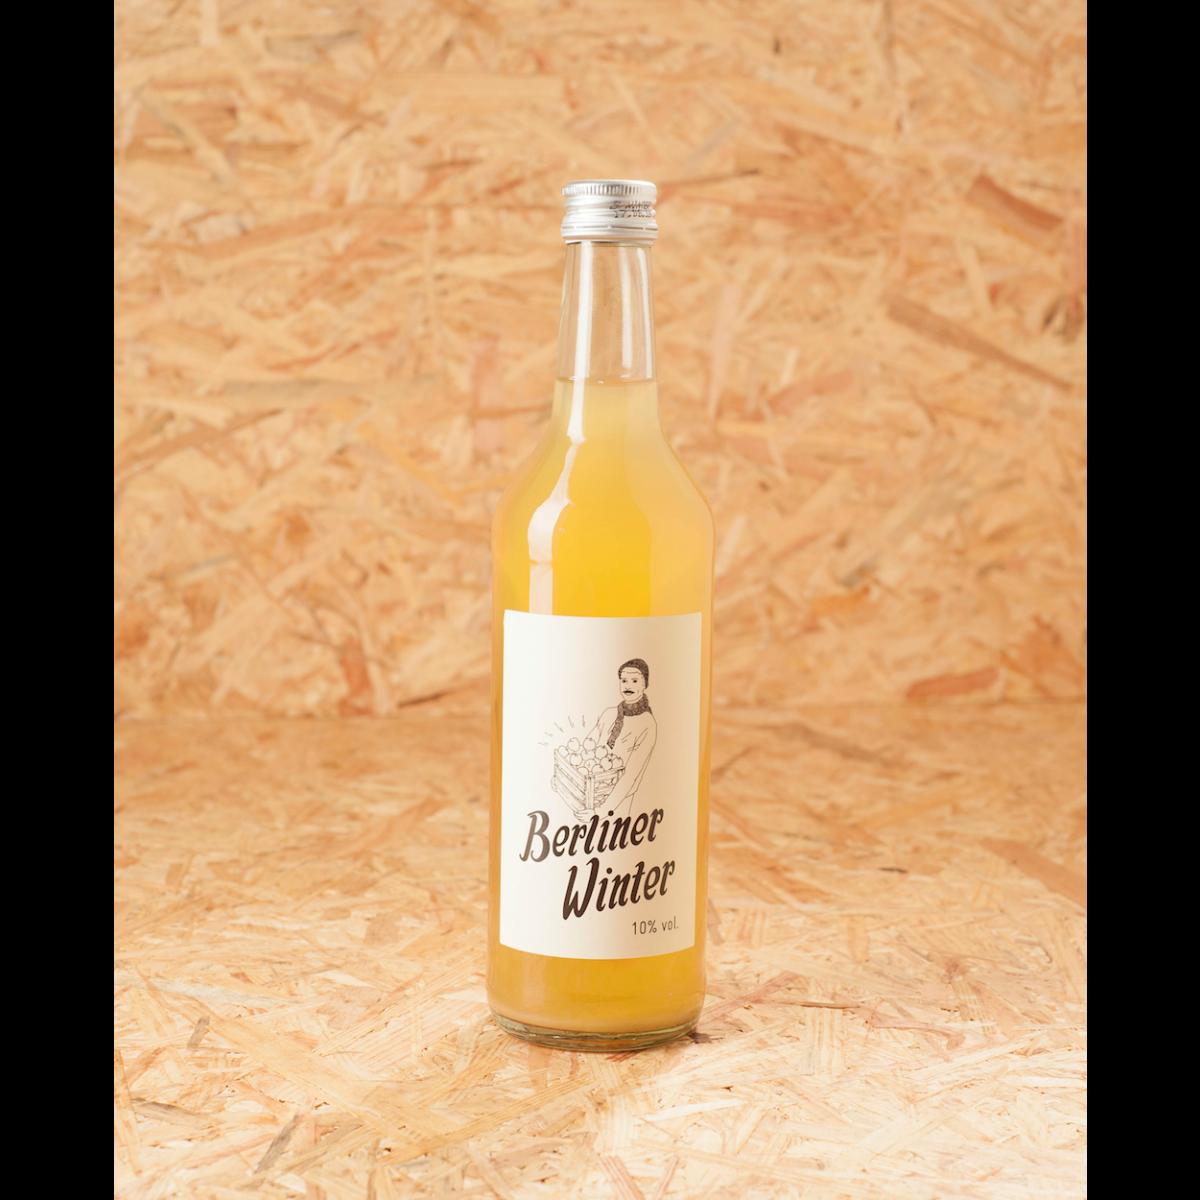 Berliner Winter - Die Alternative zu Glühwein. Alkoholisches Heißgetränk mit Apfelsaft, Wodka und Gewürzen. 0,5l Flasche einzeln